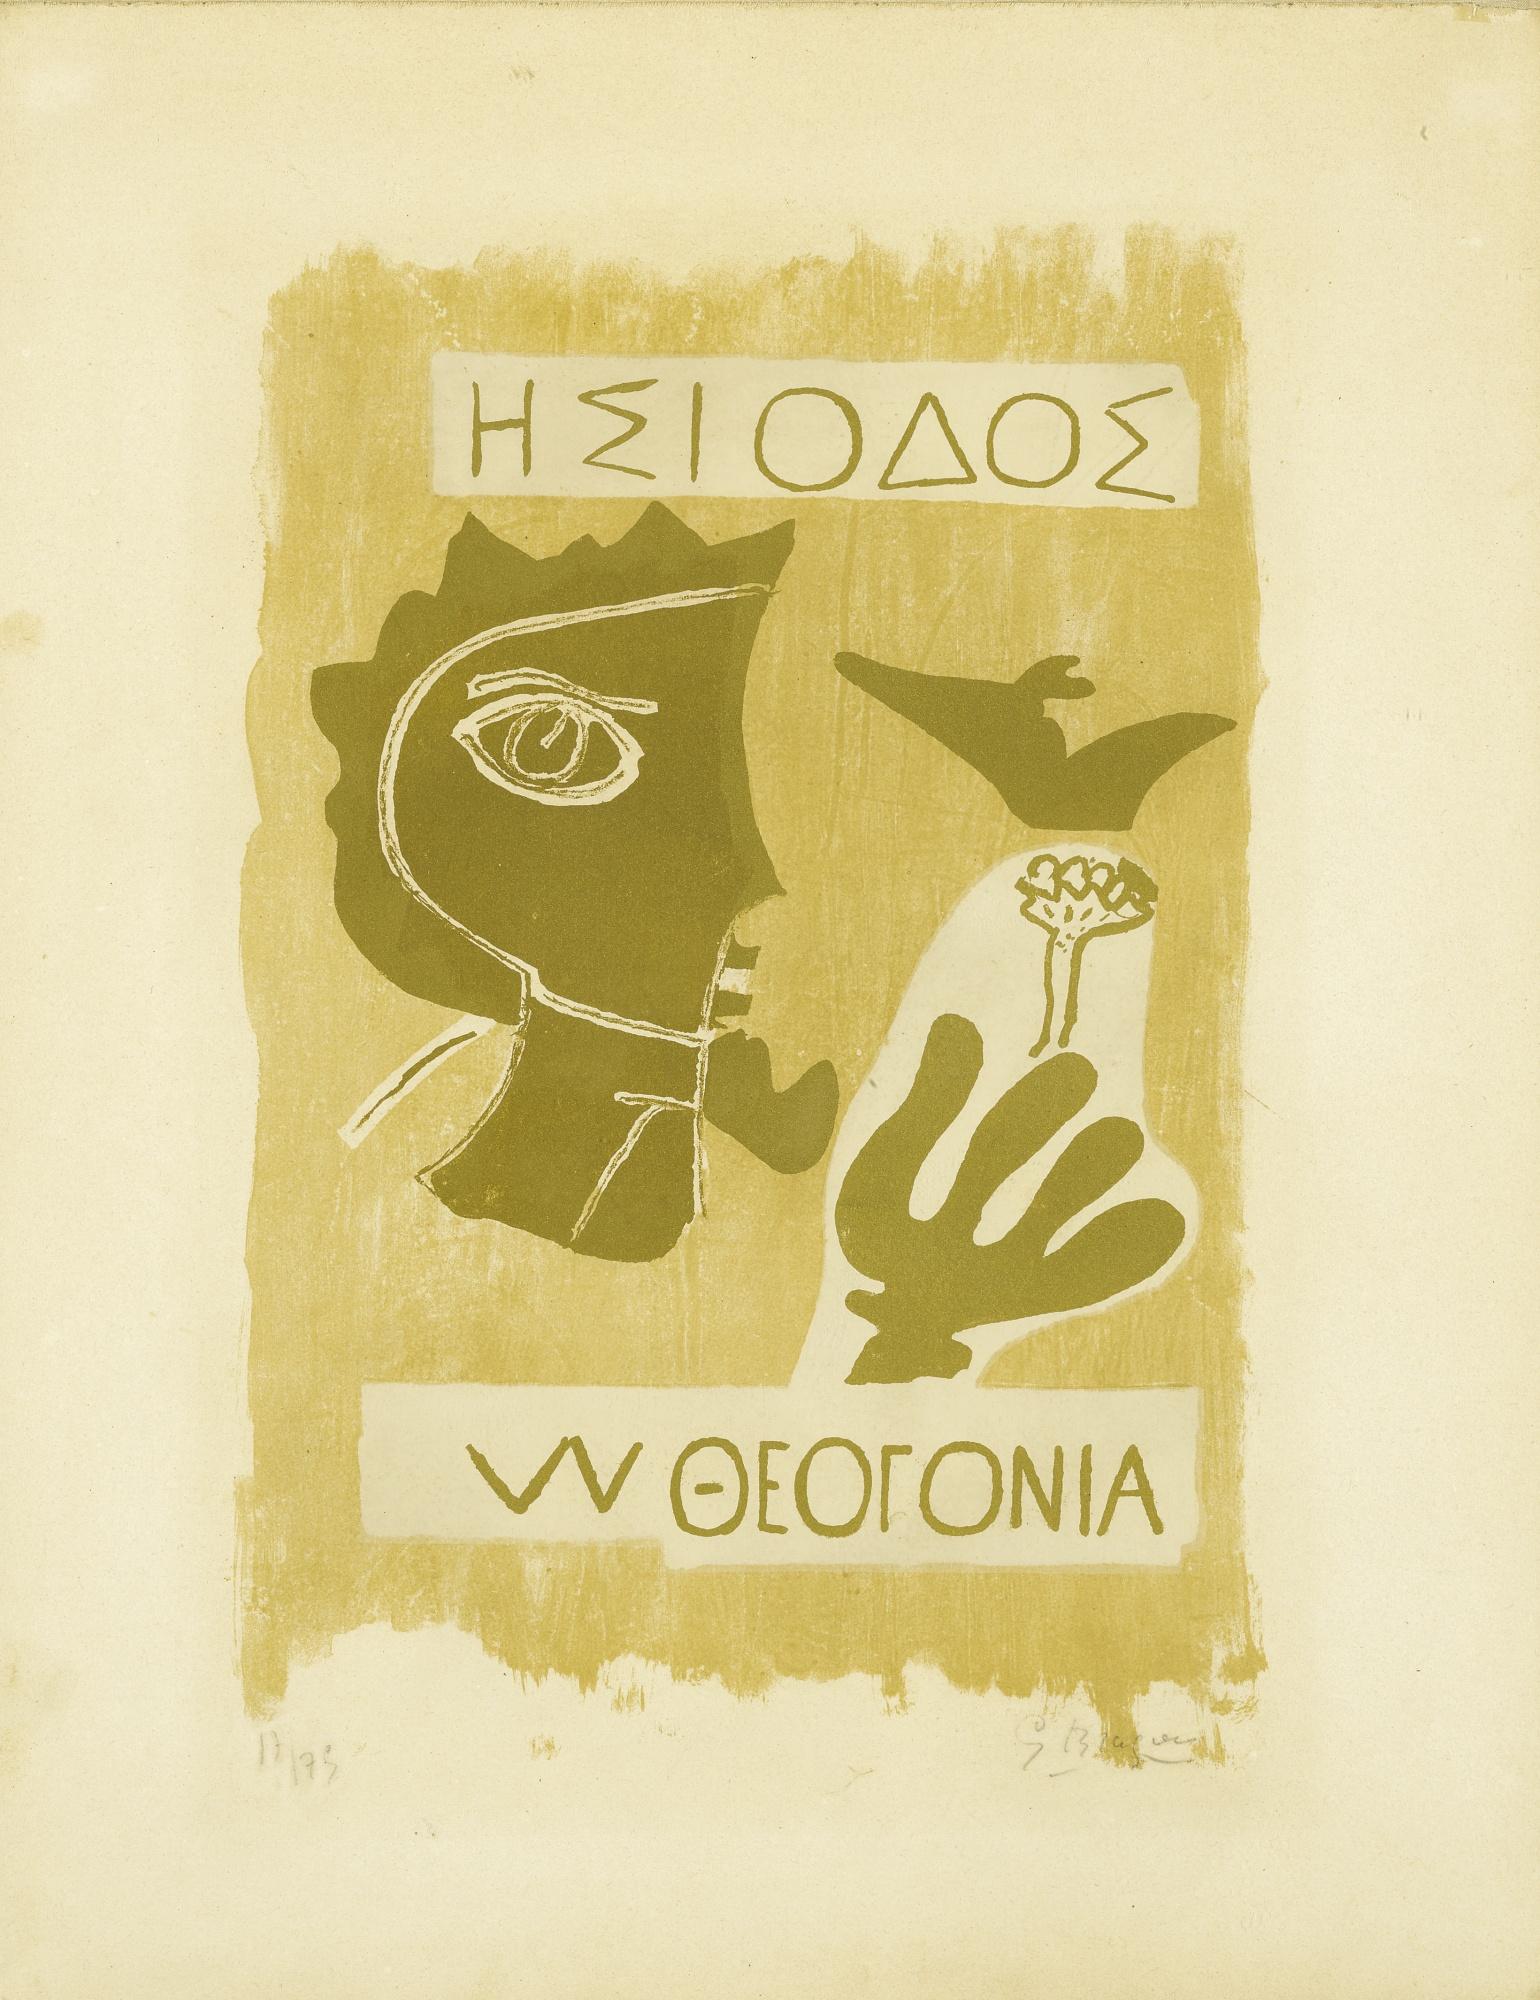 Georges Braque-Theogonie III (Vallier 90)-1954